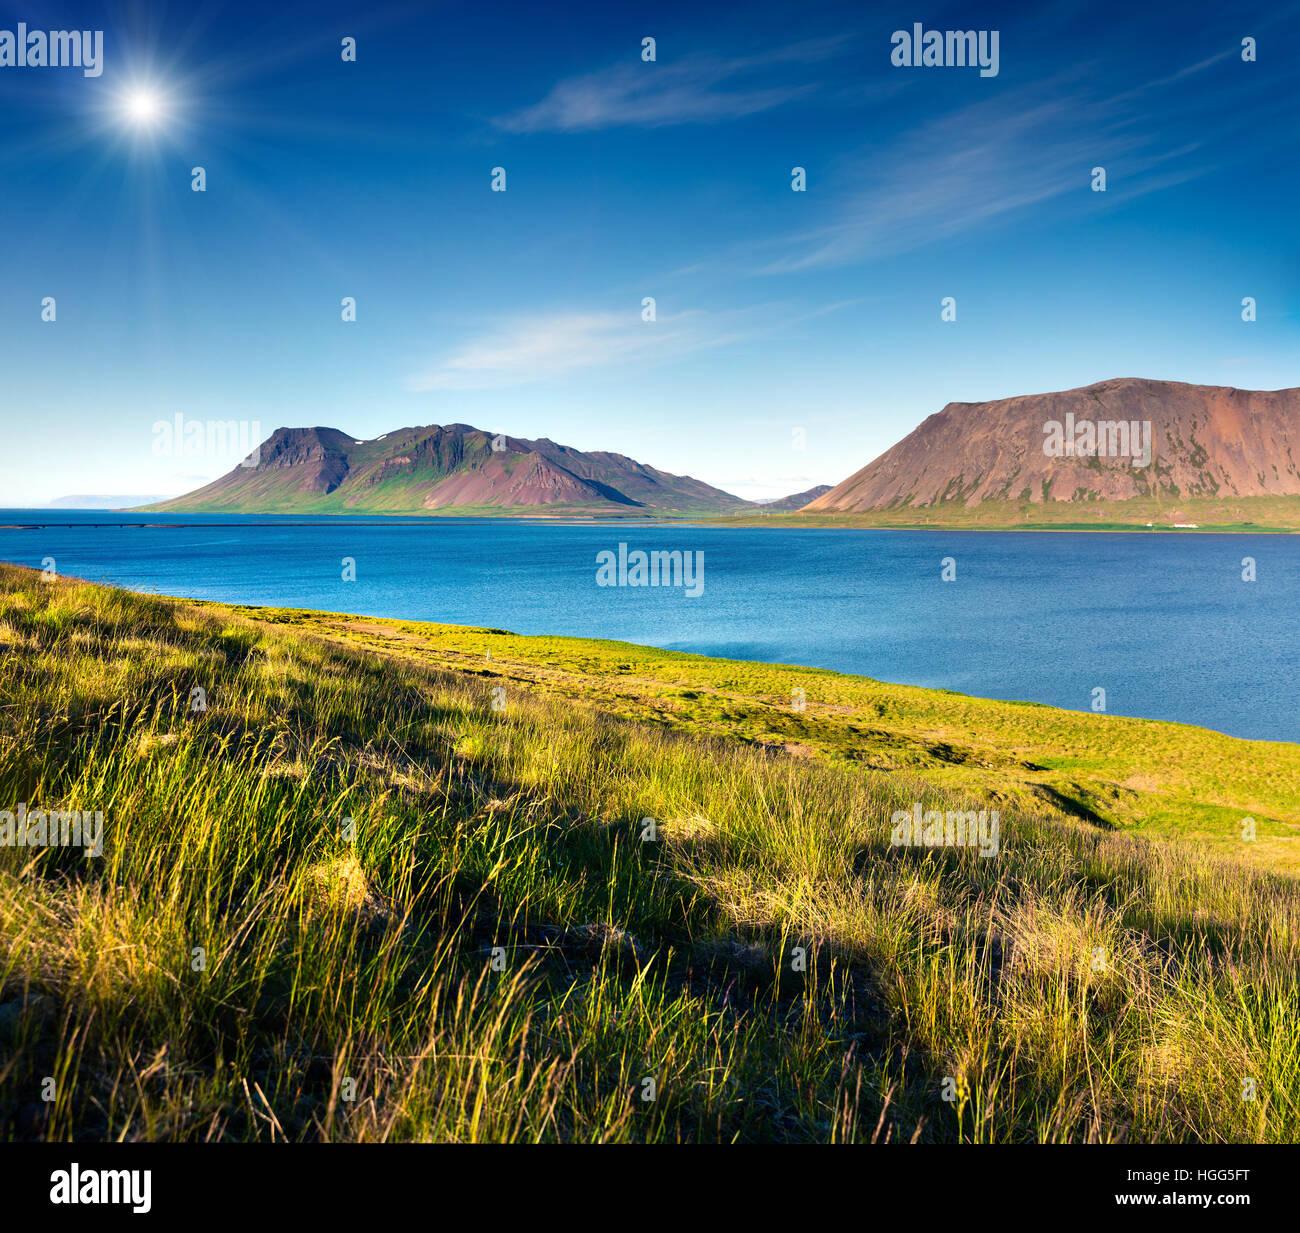 Tipico paesaggio islandese con le montagne vulcaniche e acqua pura fiume. Sunny mattinata estiva nella costa ovest Immagini Stock